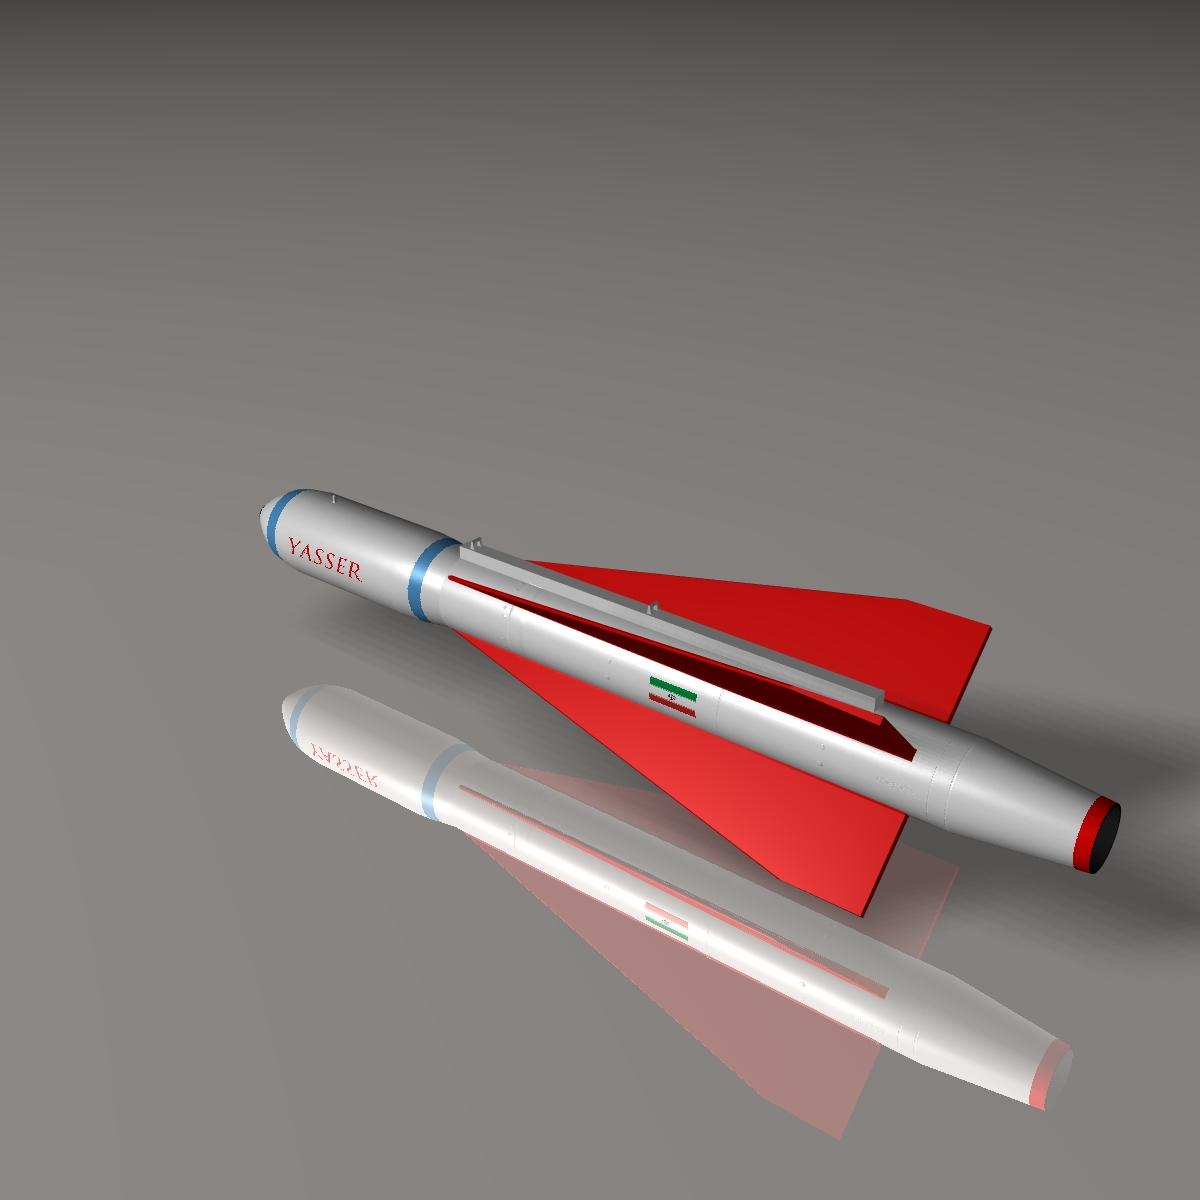 iranian yasser asm missile 3d model 3ds dxf cob x obj 150573